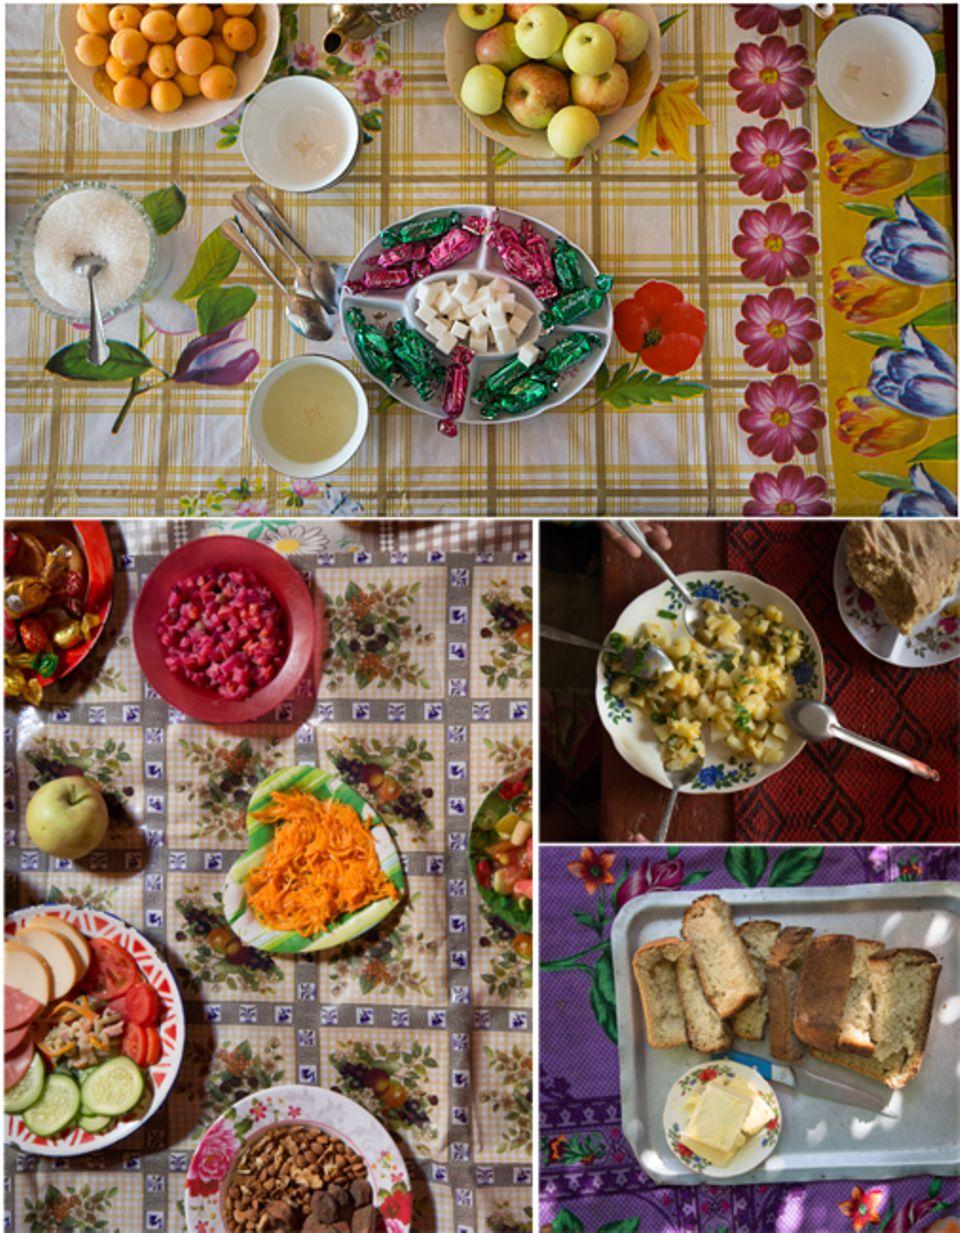 Abenteuer: Die Gastfreundschaft der Pamiri ist legendär, die Speisen farbenfroh. Die Bauern teilen selbst mit Wildfremden das Wenige, das sie haben. Zum Tee wird Fladenbrot gebrochen, zur Hauptmahlzeit gibt es Kartoffeln. Alle essen gemeinsam von einem Teller.